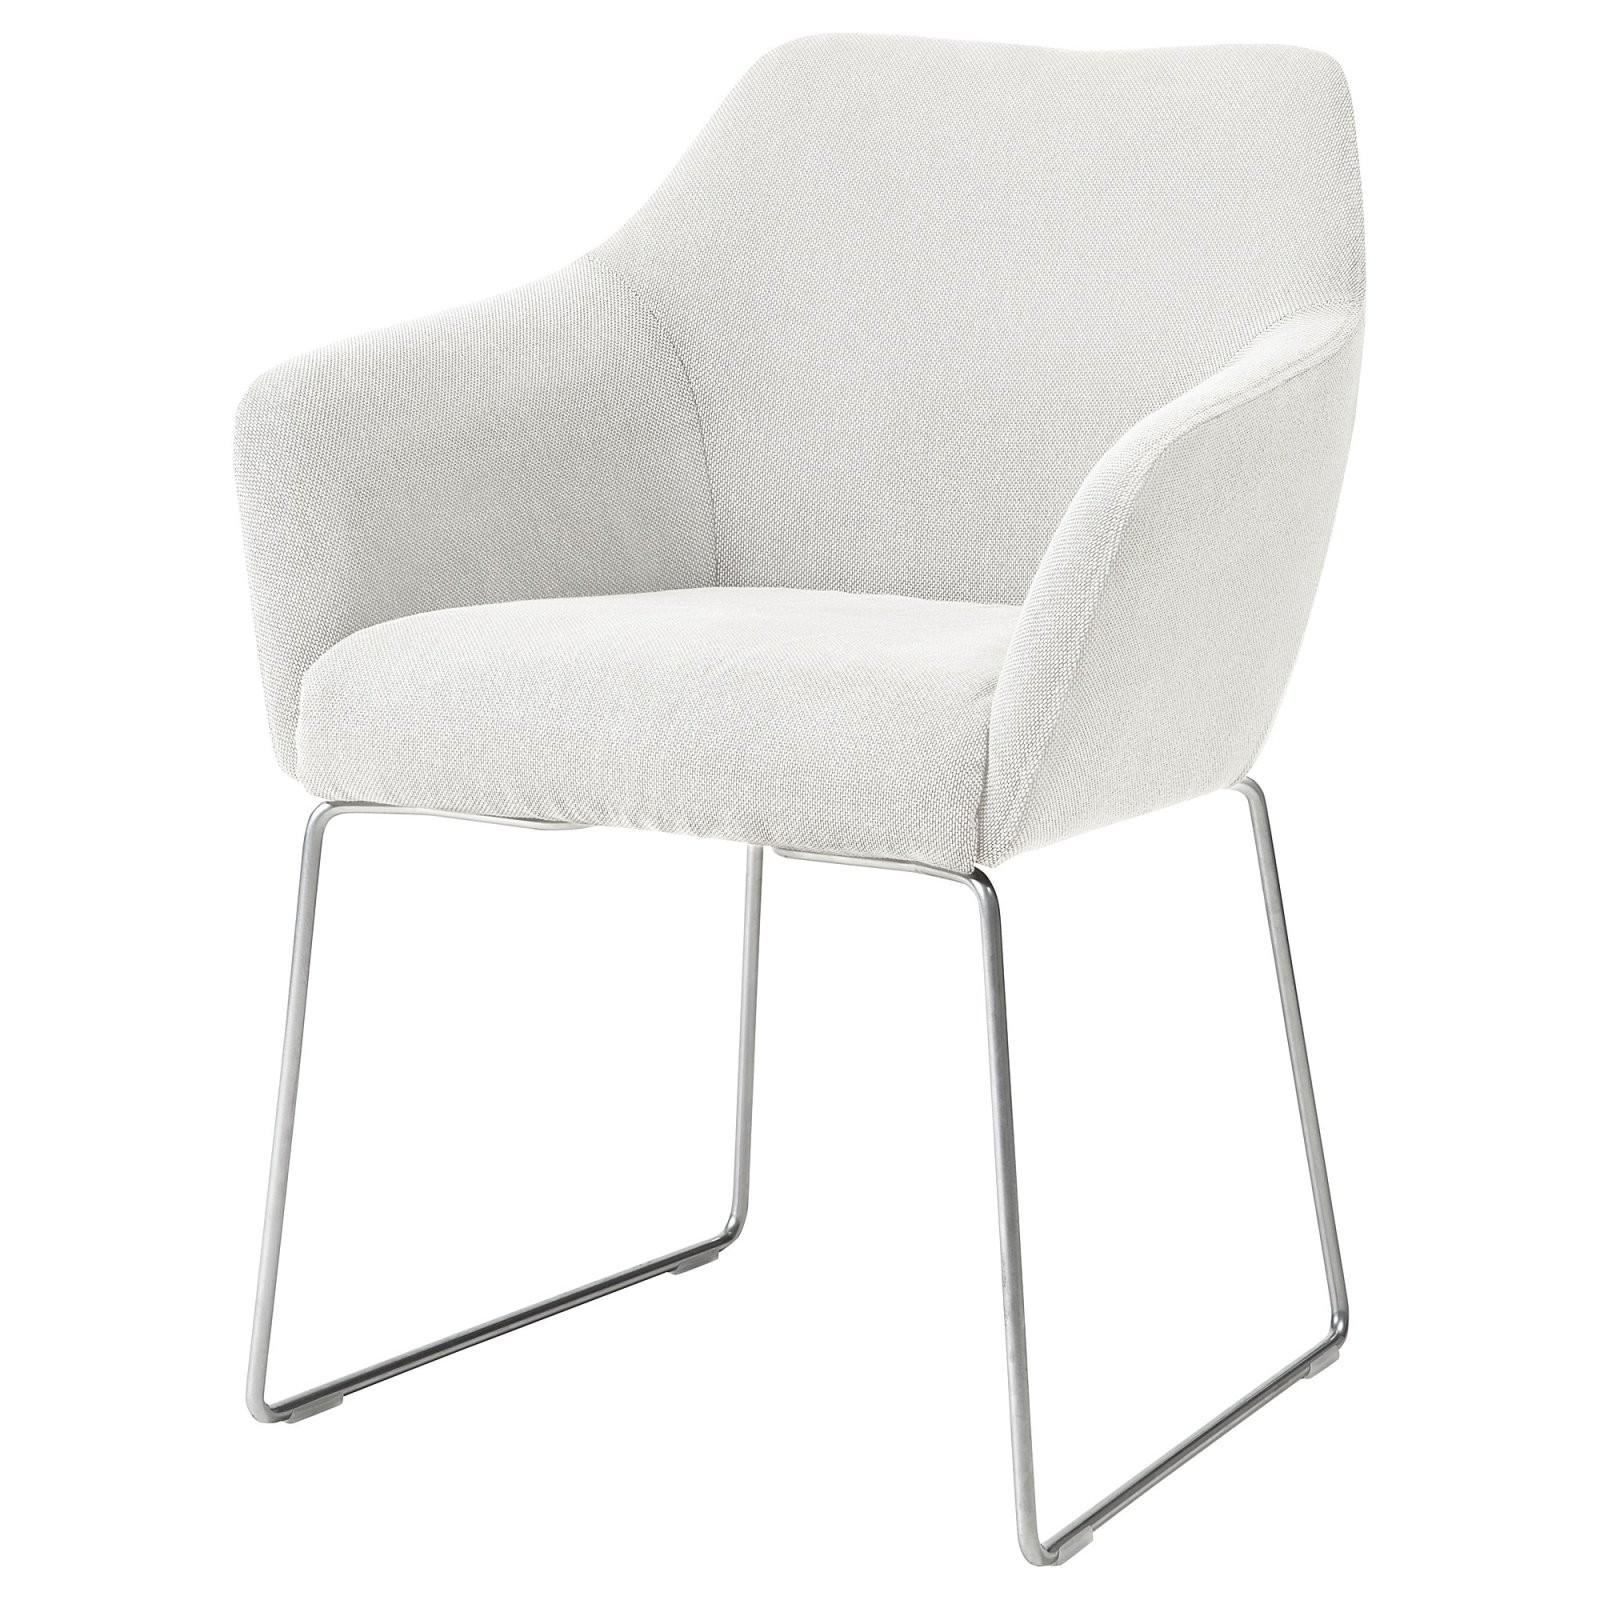 Stuhl Tossberg Metall Silberfarben Finnsta Weiß In 2019  Stühle von Ikea Stühle Mit Armlehne Bild